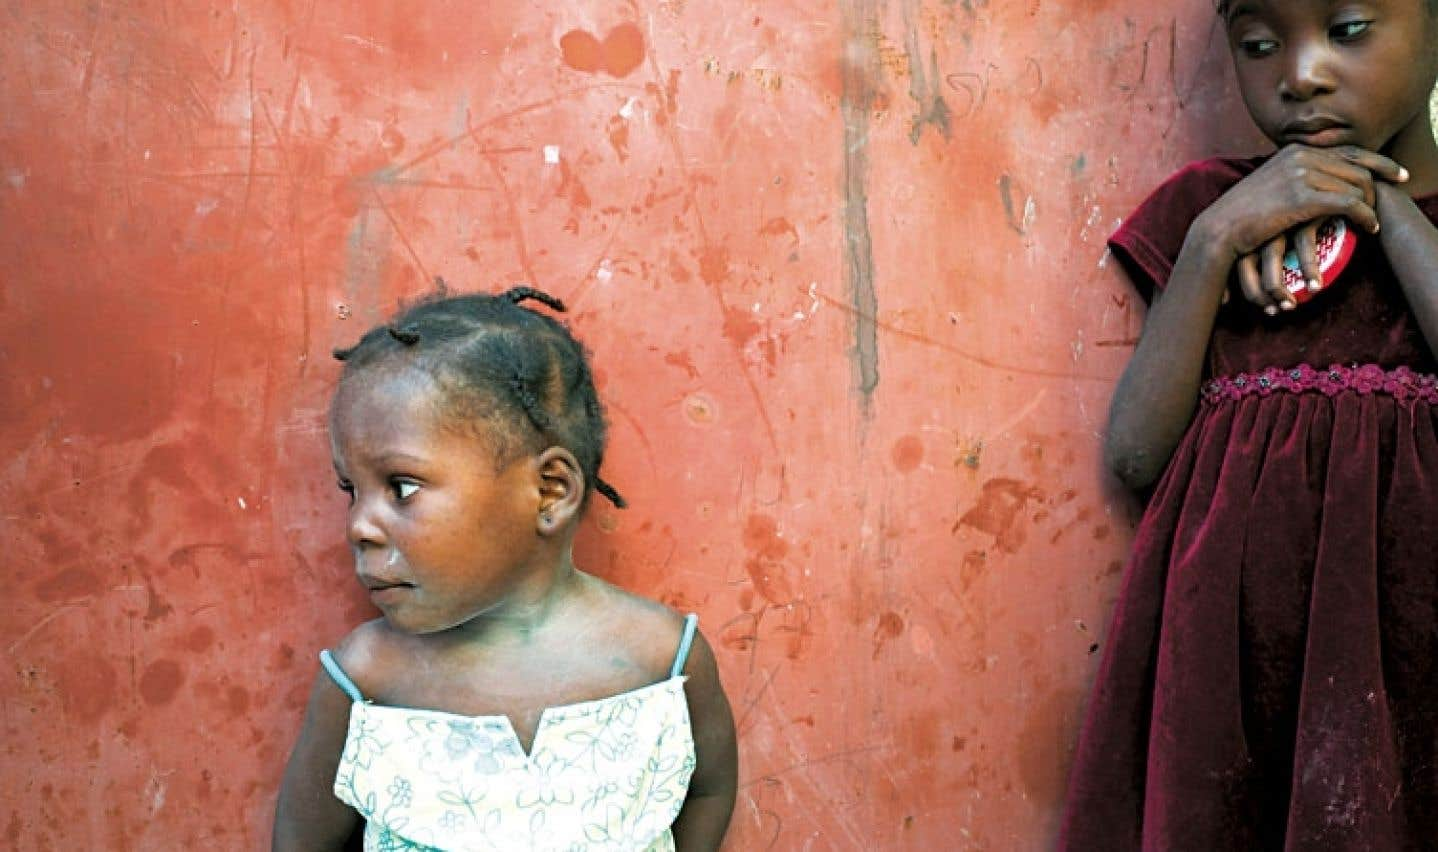 Diane Lavoie, maman adoptive d'une petite Haïtienne, livre son parcours jonché d'obstacle jusqu'à sa fille Mélodine, « petit animal sauvage disjoncté ». Elle présente l'adoption telle qu'elle la voit, « purement égoïste ». Sur la photo, deux fillettes de l'orphelinat de la Croix glorieuse, à Port-au-Prince.